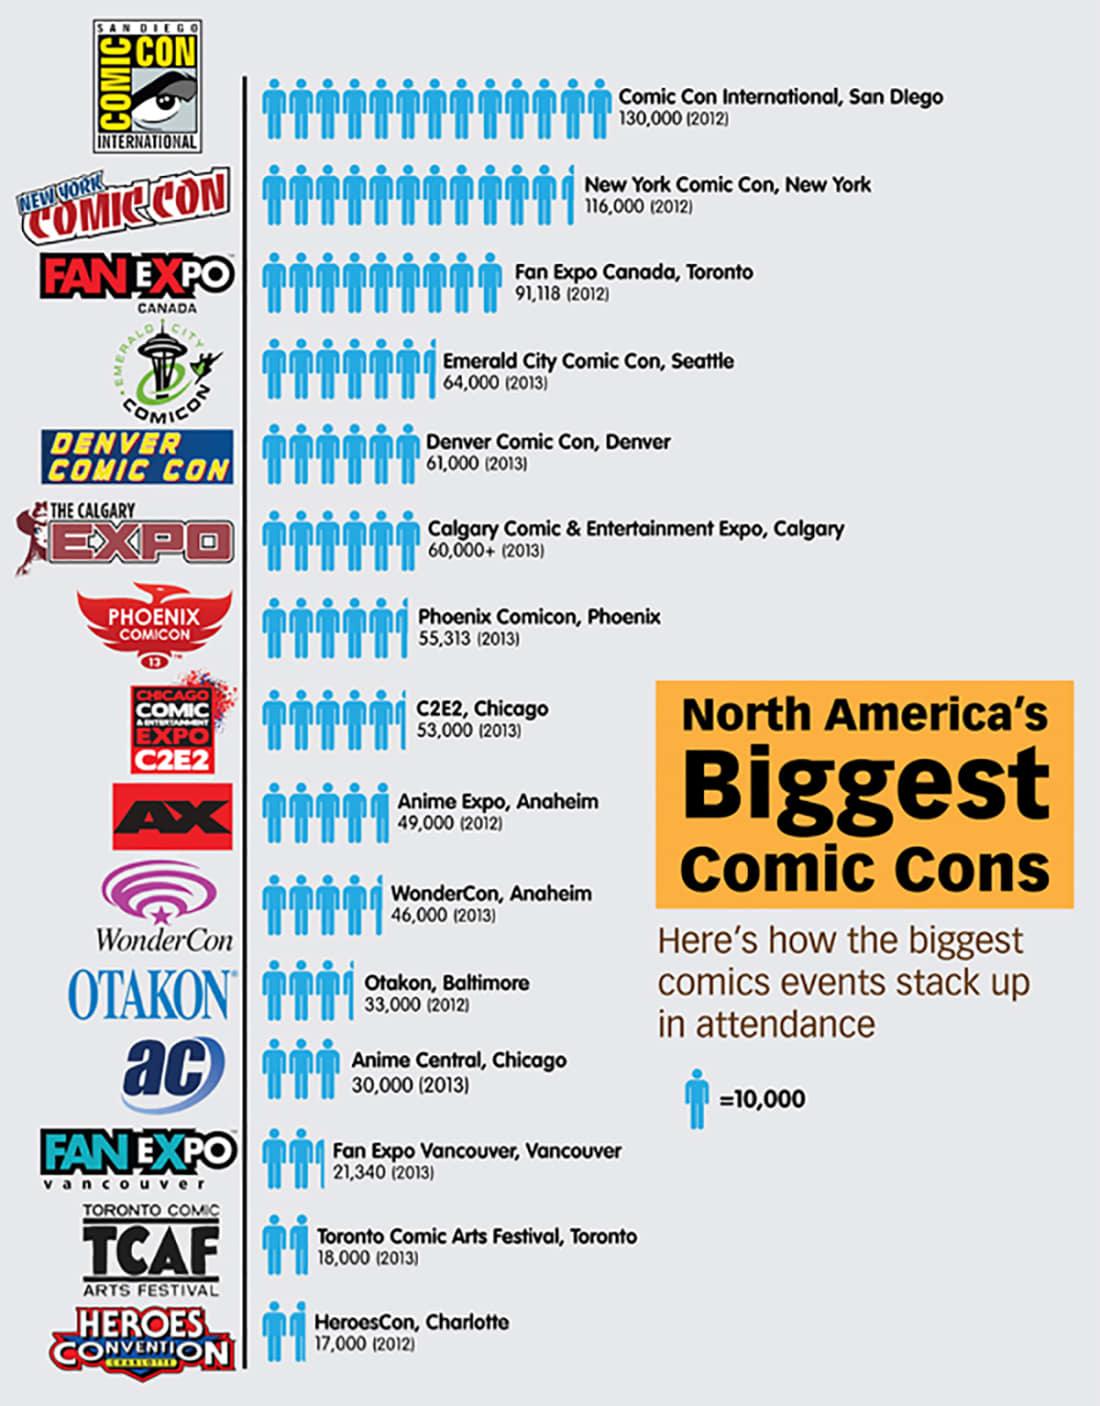 Infographic via alis-alley.com